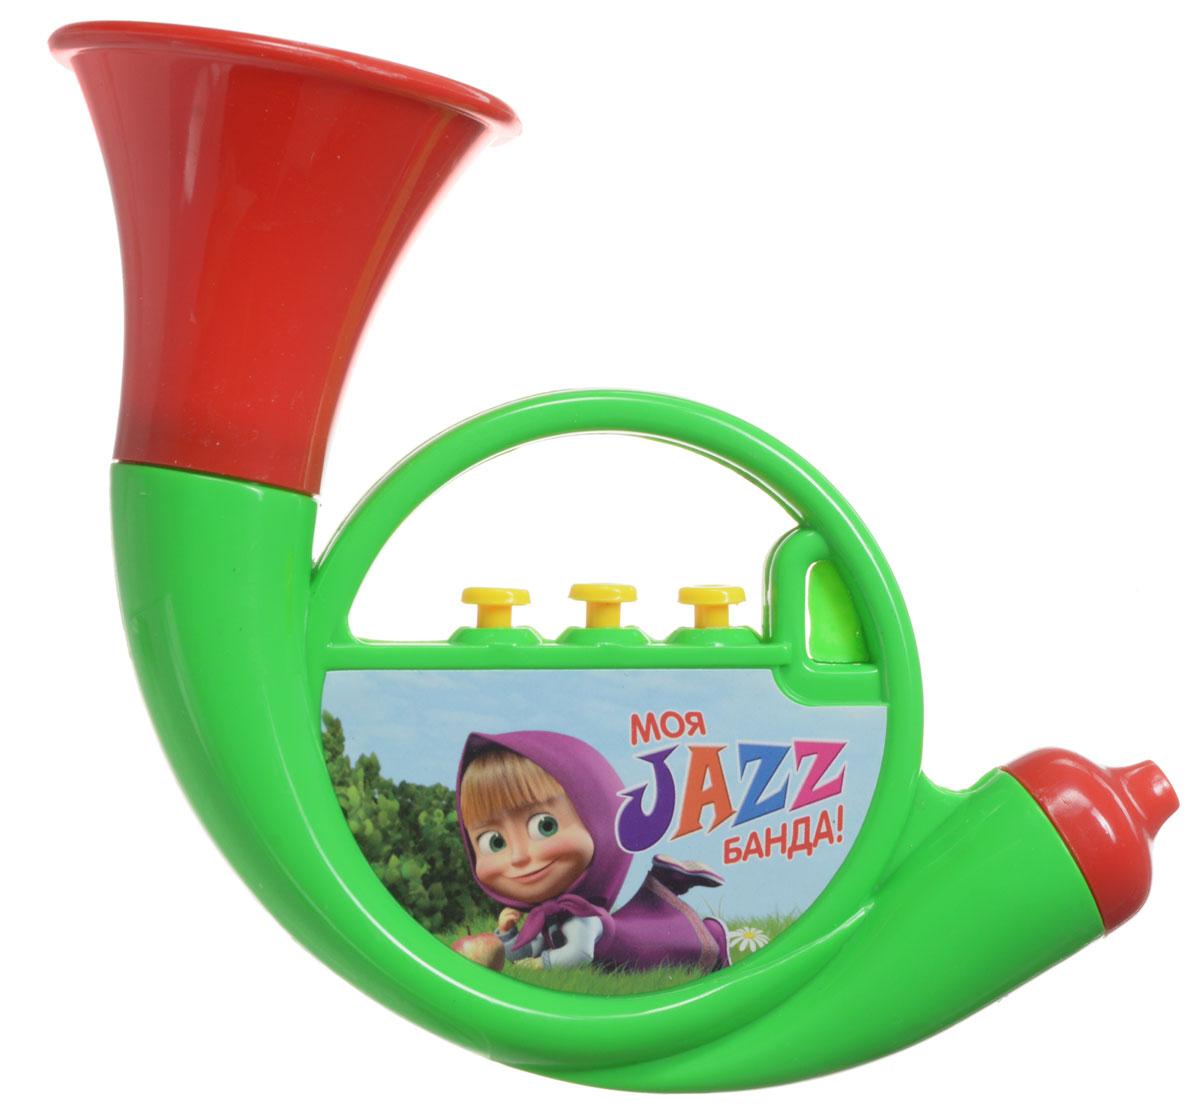 Маша и Медведь Музыкальная игрушка Труба цвет зеленыйGT5846_зеленыйМузыкальная игрушка Маша и Медведь Труба непременно порадует вашего малыша веселыми звуками. Эта яркая игрушка способствует развитию восприятия звука, мелкой моторики, цветовосприятия. Уже с малых лет у детей может начать проявляться интерес к музыке, но настоящие инструменты малышу давать рано, поэтому лучшим решением в этой ситуации послужат детские музыкальные инструменты. Дуем в трубочку, нажимаем на 3 кнопочки, и пытаемся наиграть какую-нибудь мелодию.